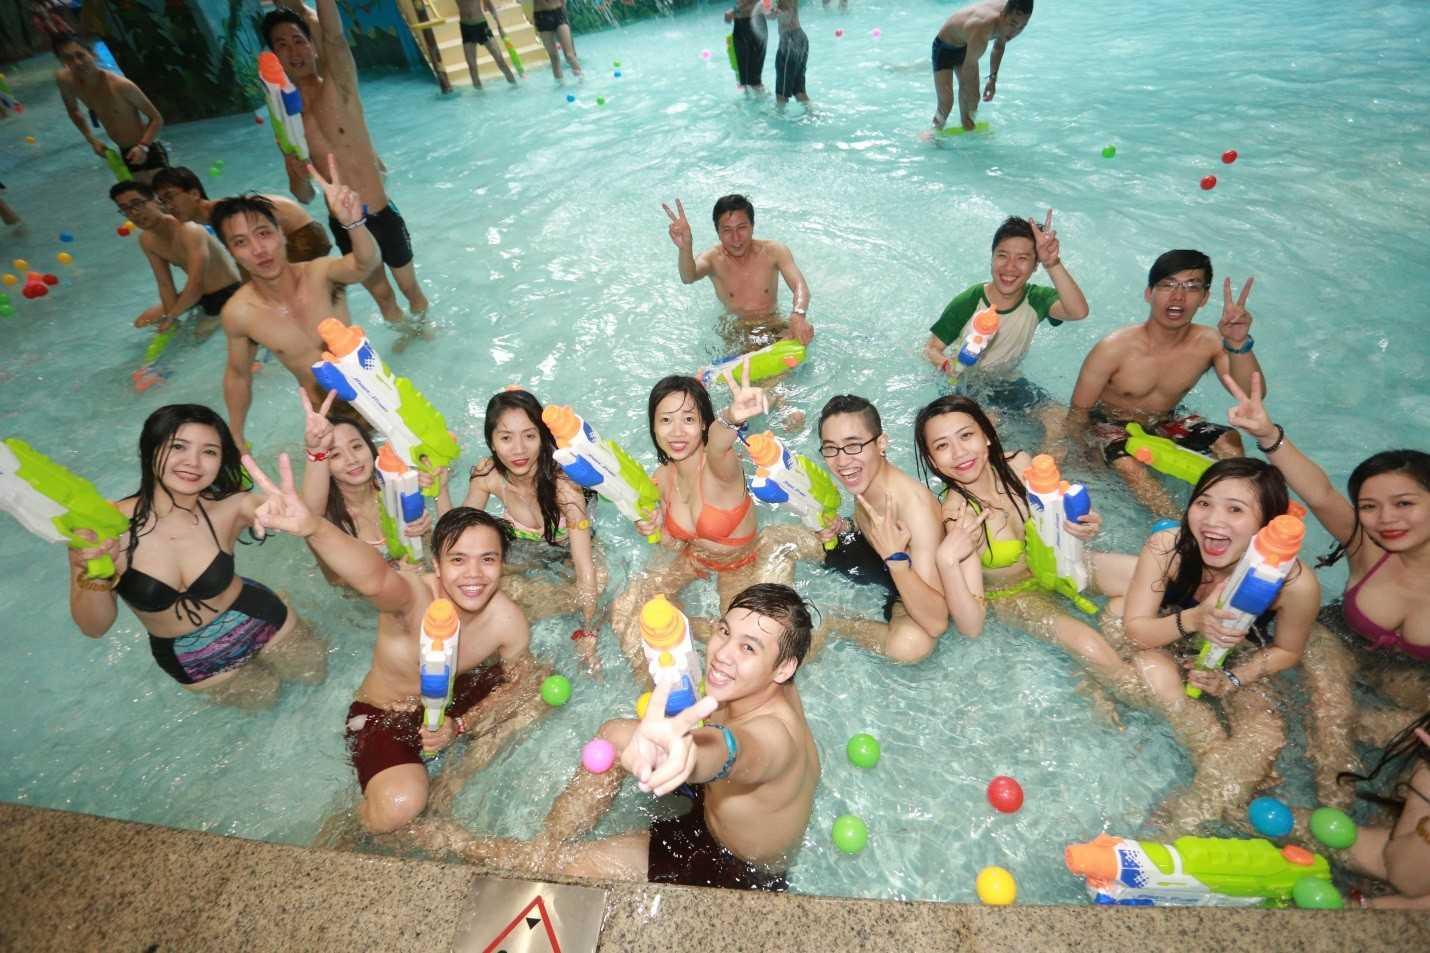 Các bạn trẻ Hà Nội đã có một buổi tiệc dưới nước không thể quên